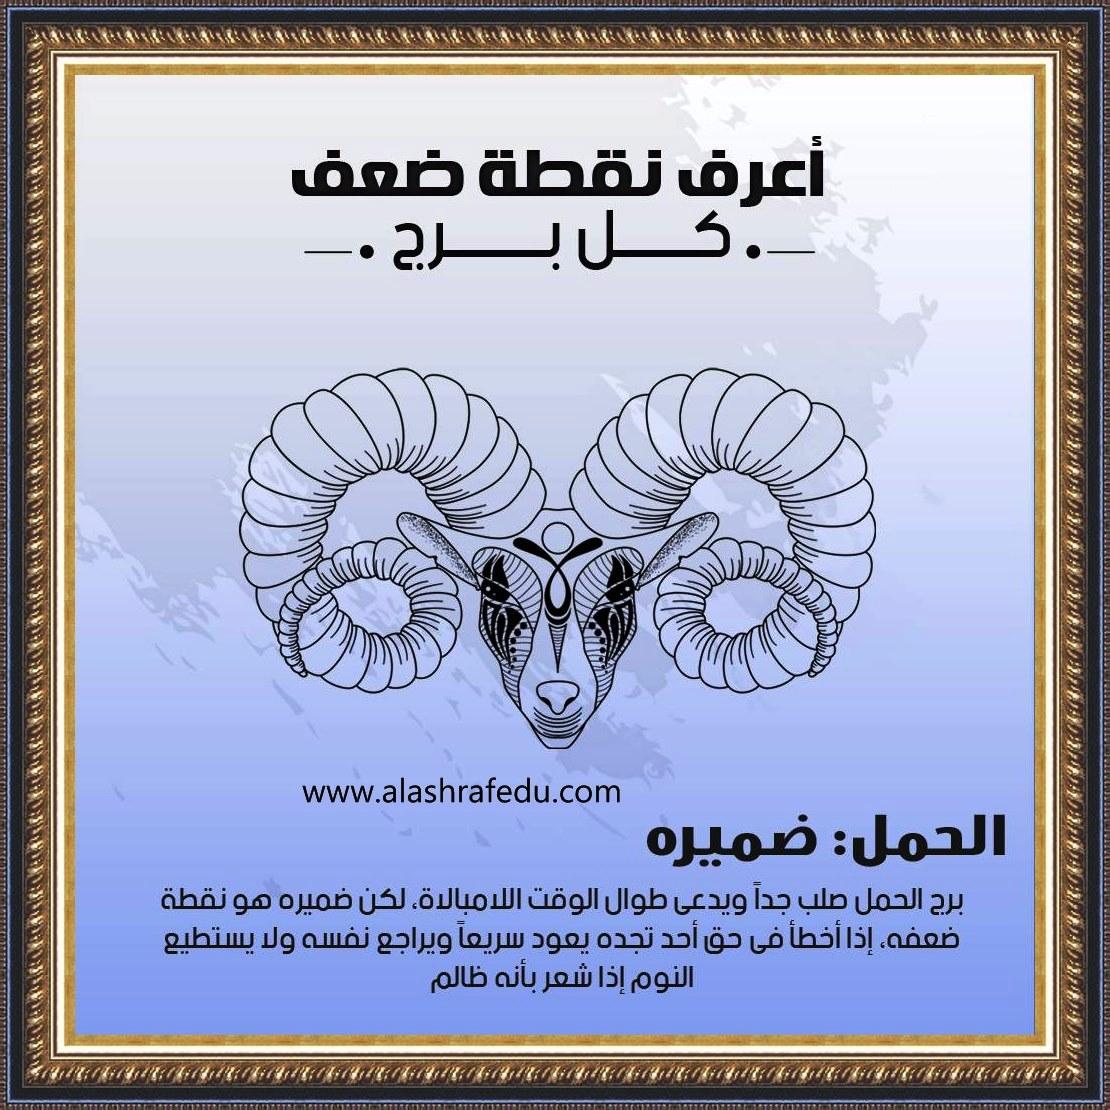 أعرف نقطة 2020 الحمل ضميره www.alashrafedu.com1